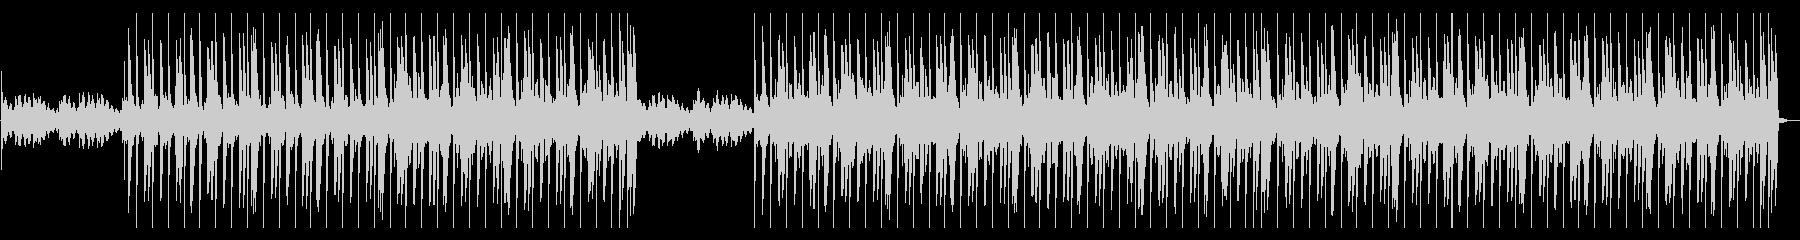 ピアノのメロディが印象的なヒップホップの未再生の波形